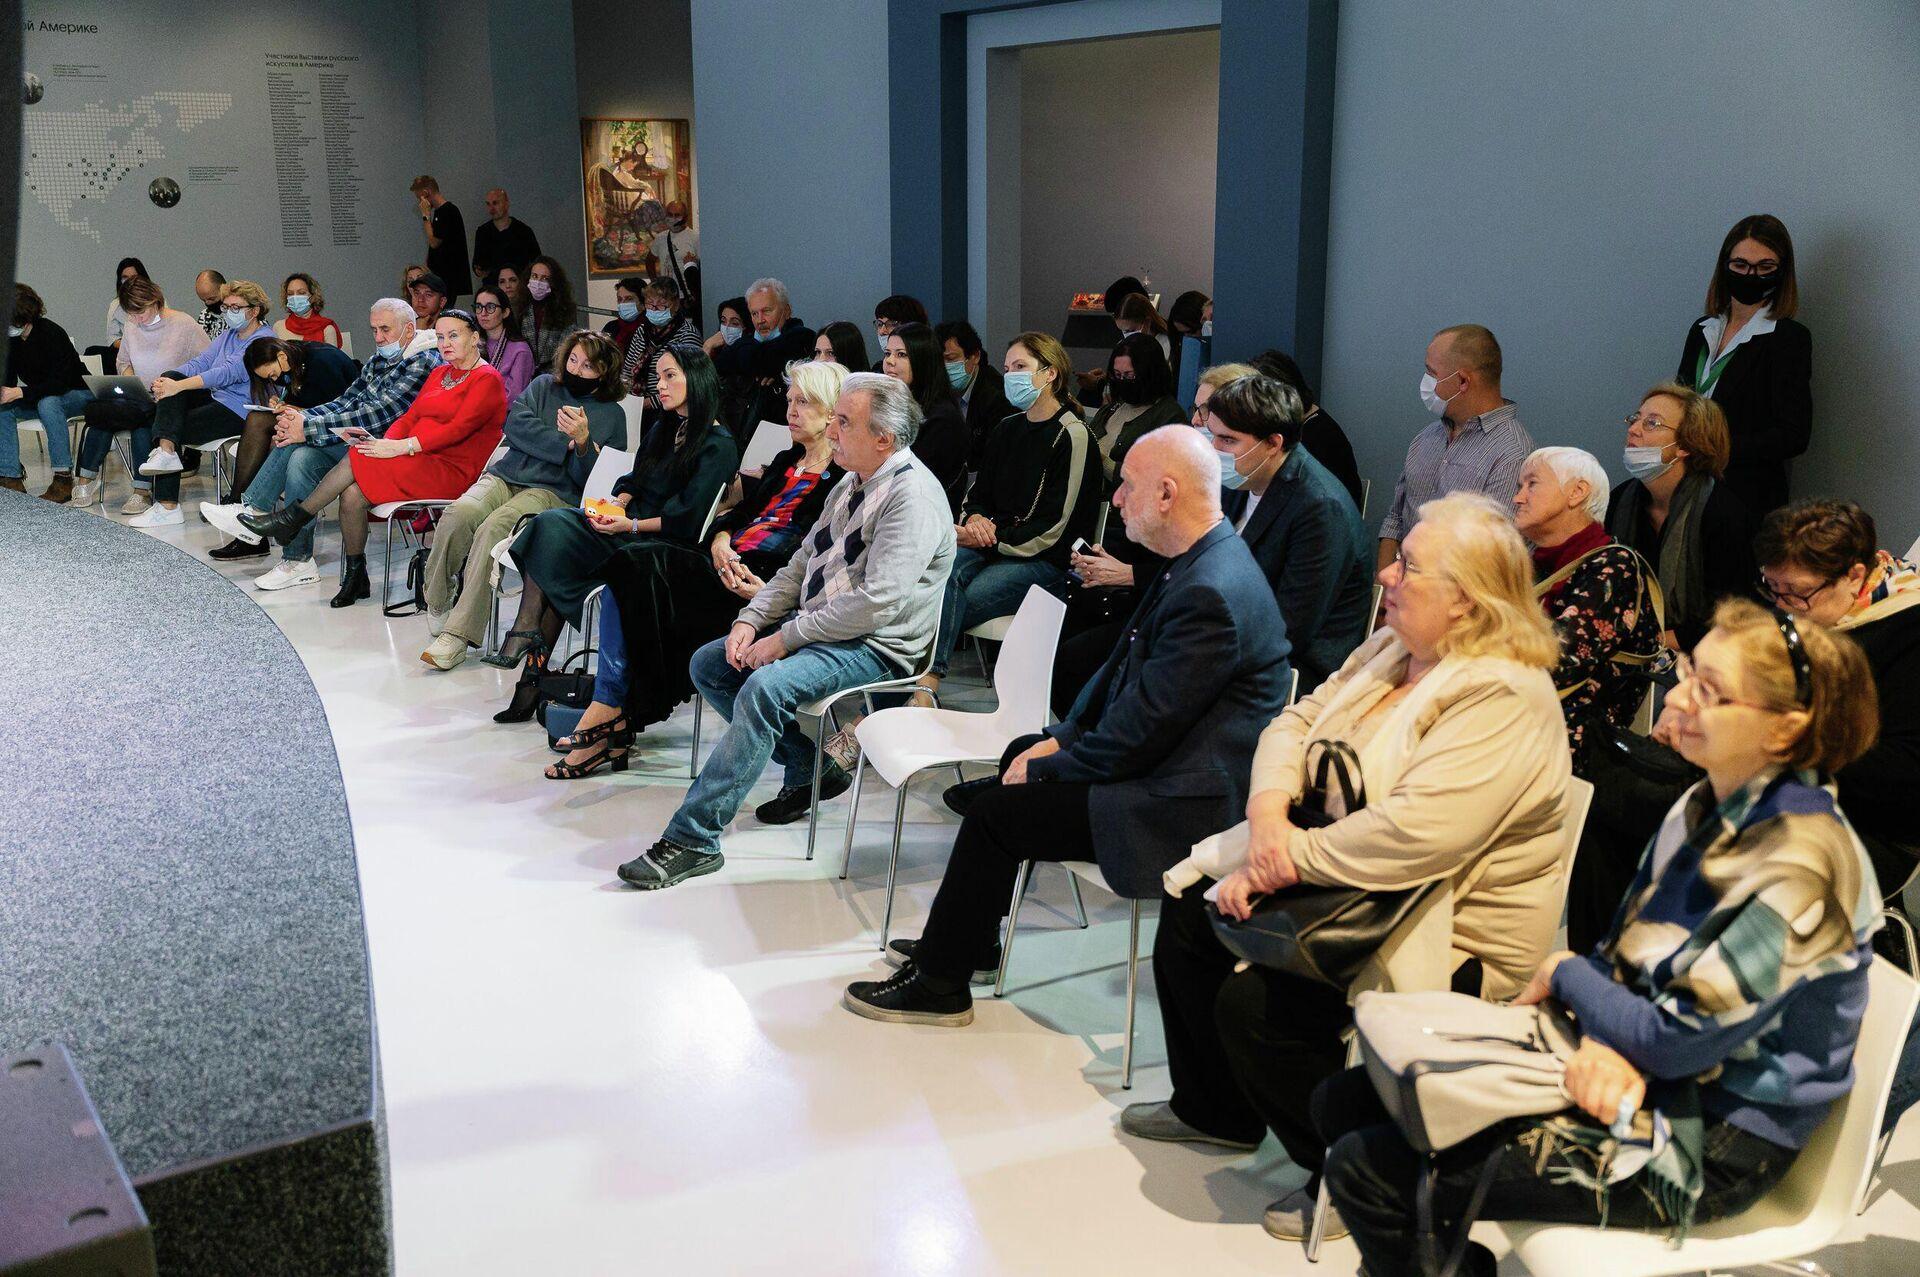 1750267798 0:0:2500:1663 1920x0 80 0 0 5a7cd10d29463add69782ebcea6d0577 - В Музее русского импрессионизма открылась выставка-детективное исследование